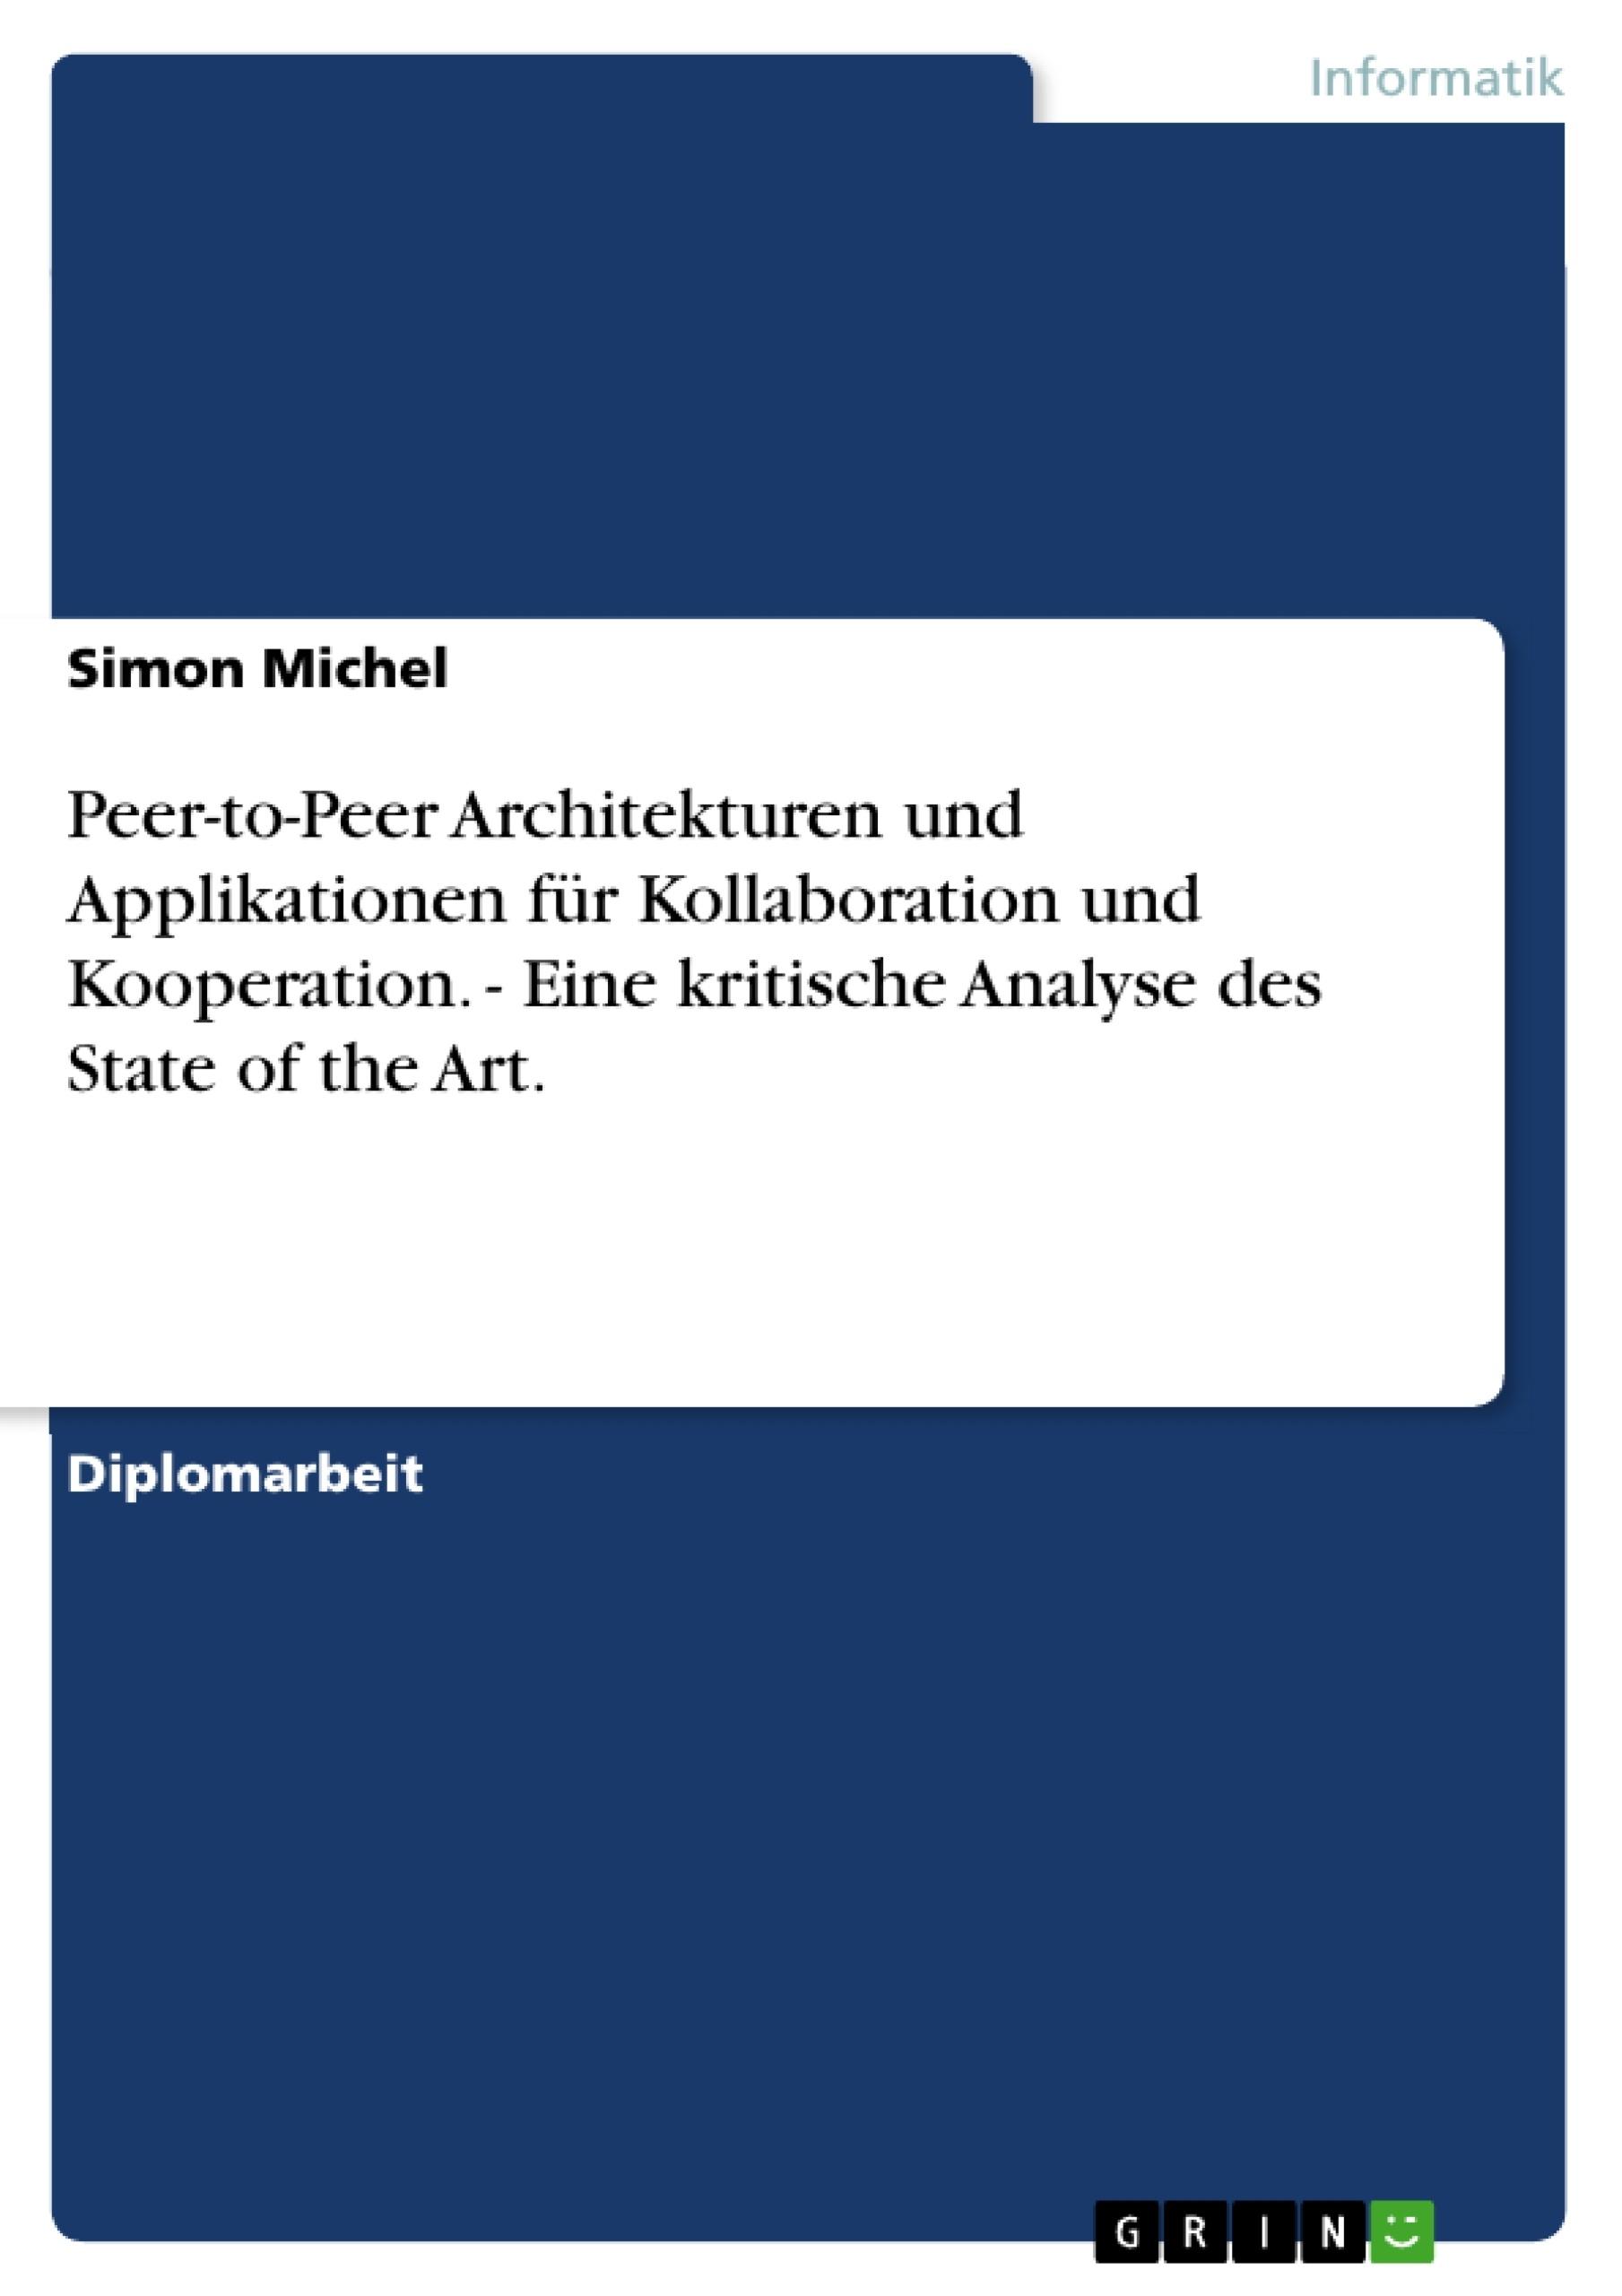 Titel: Peer-to-Peer Architekturen und Applikationen für Kollaboration und Kooperation. - Eine kritische Analyse des State of the Art.